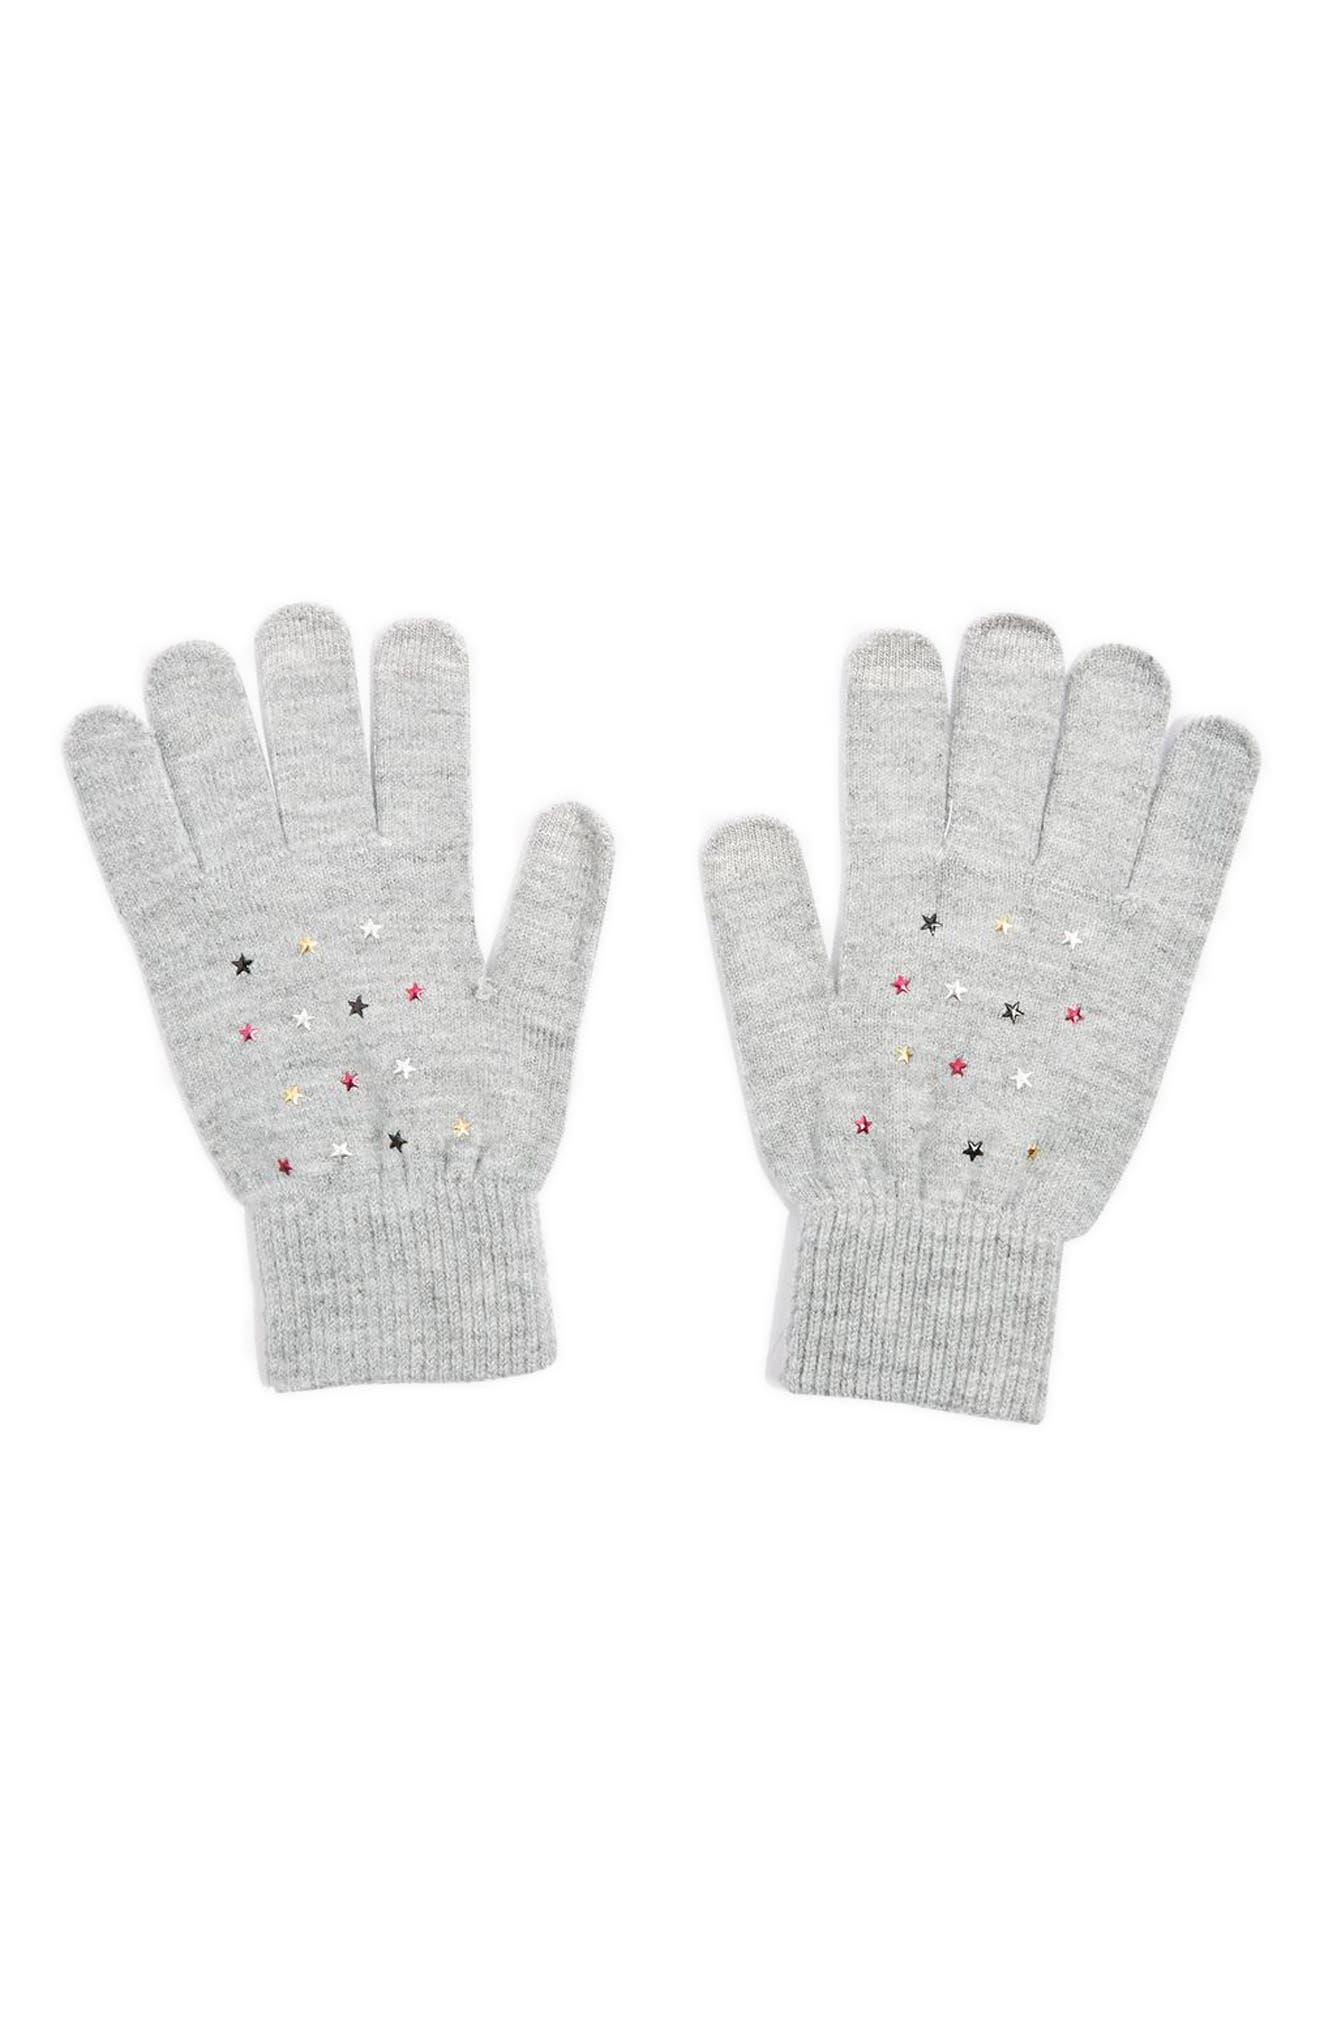 Knit Star Gloves,                             Main thumbnail 1, color,                             Grey